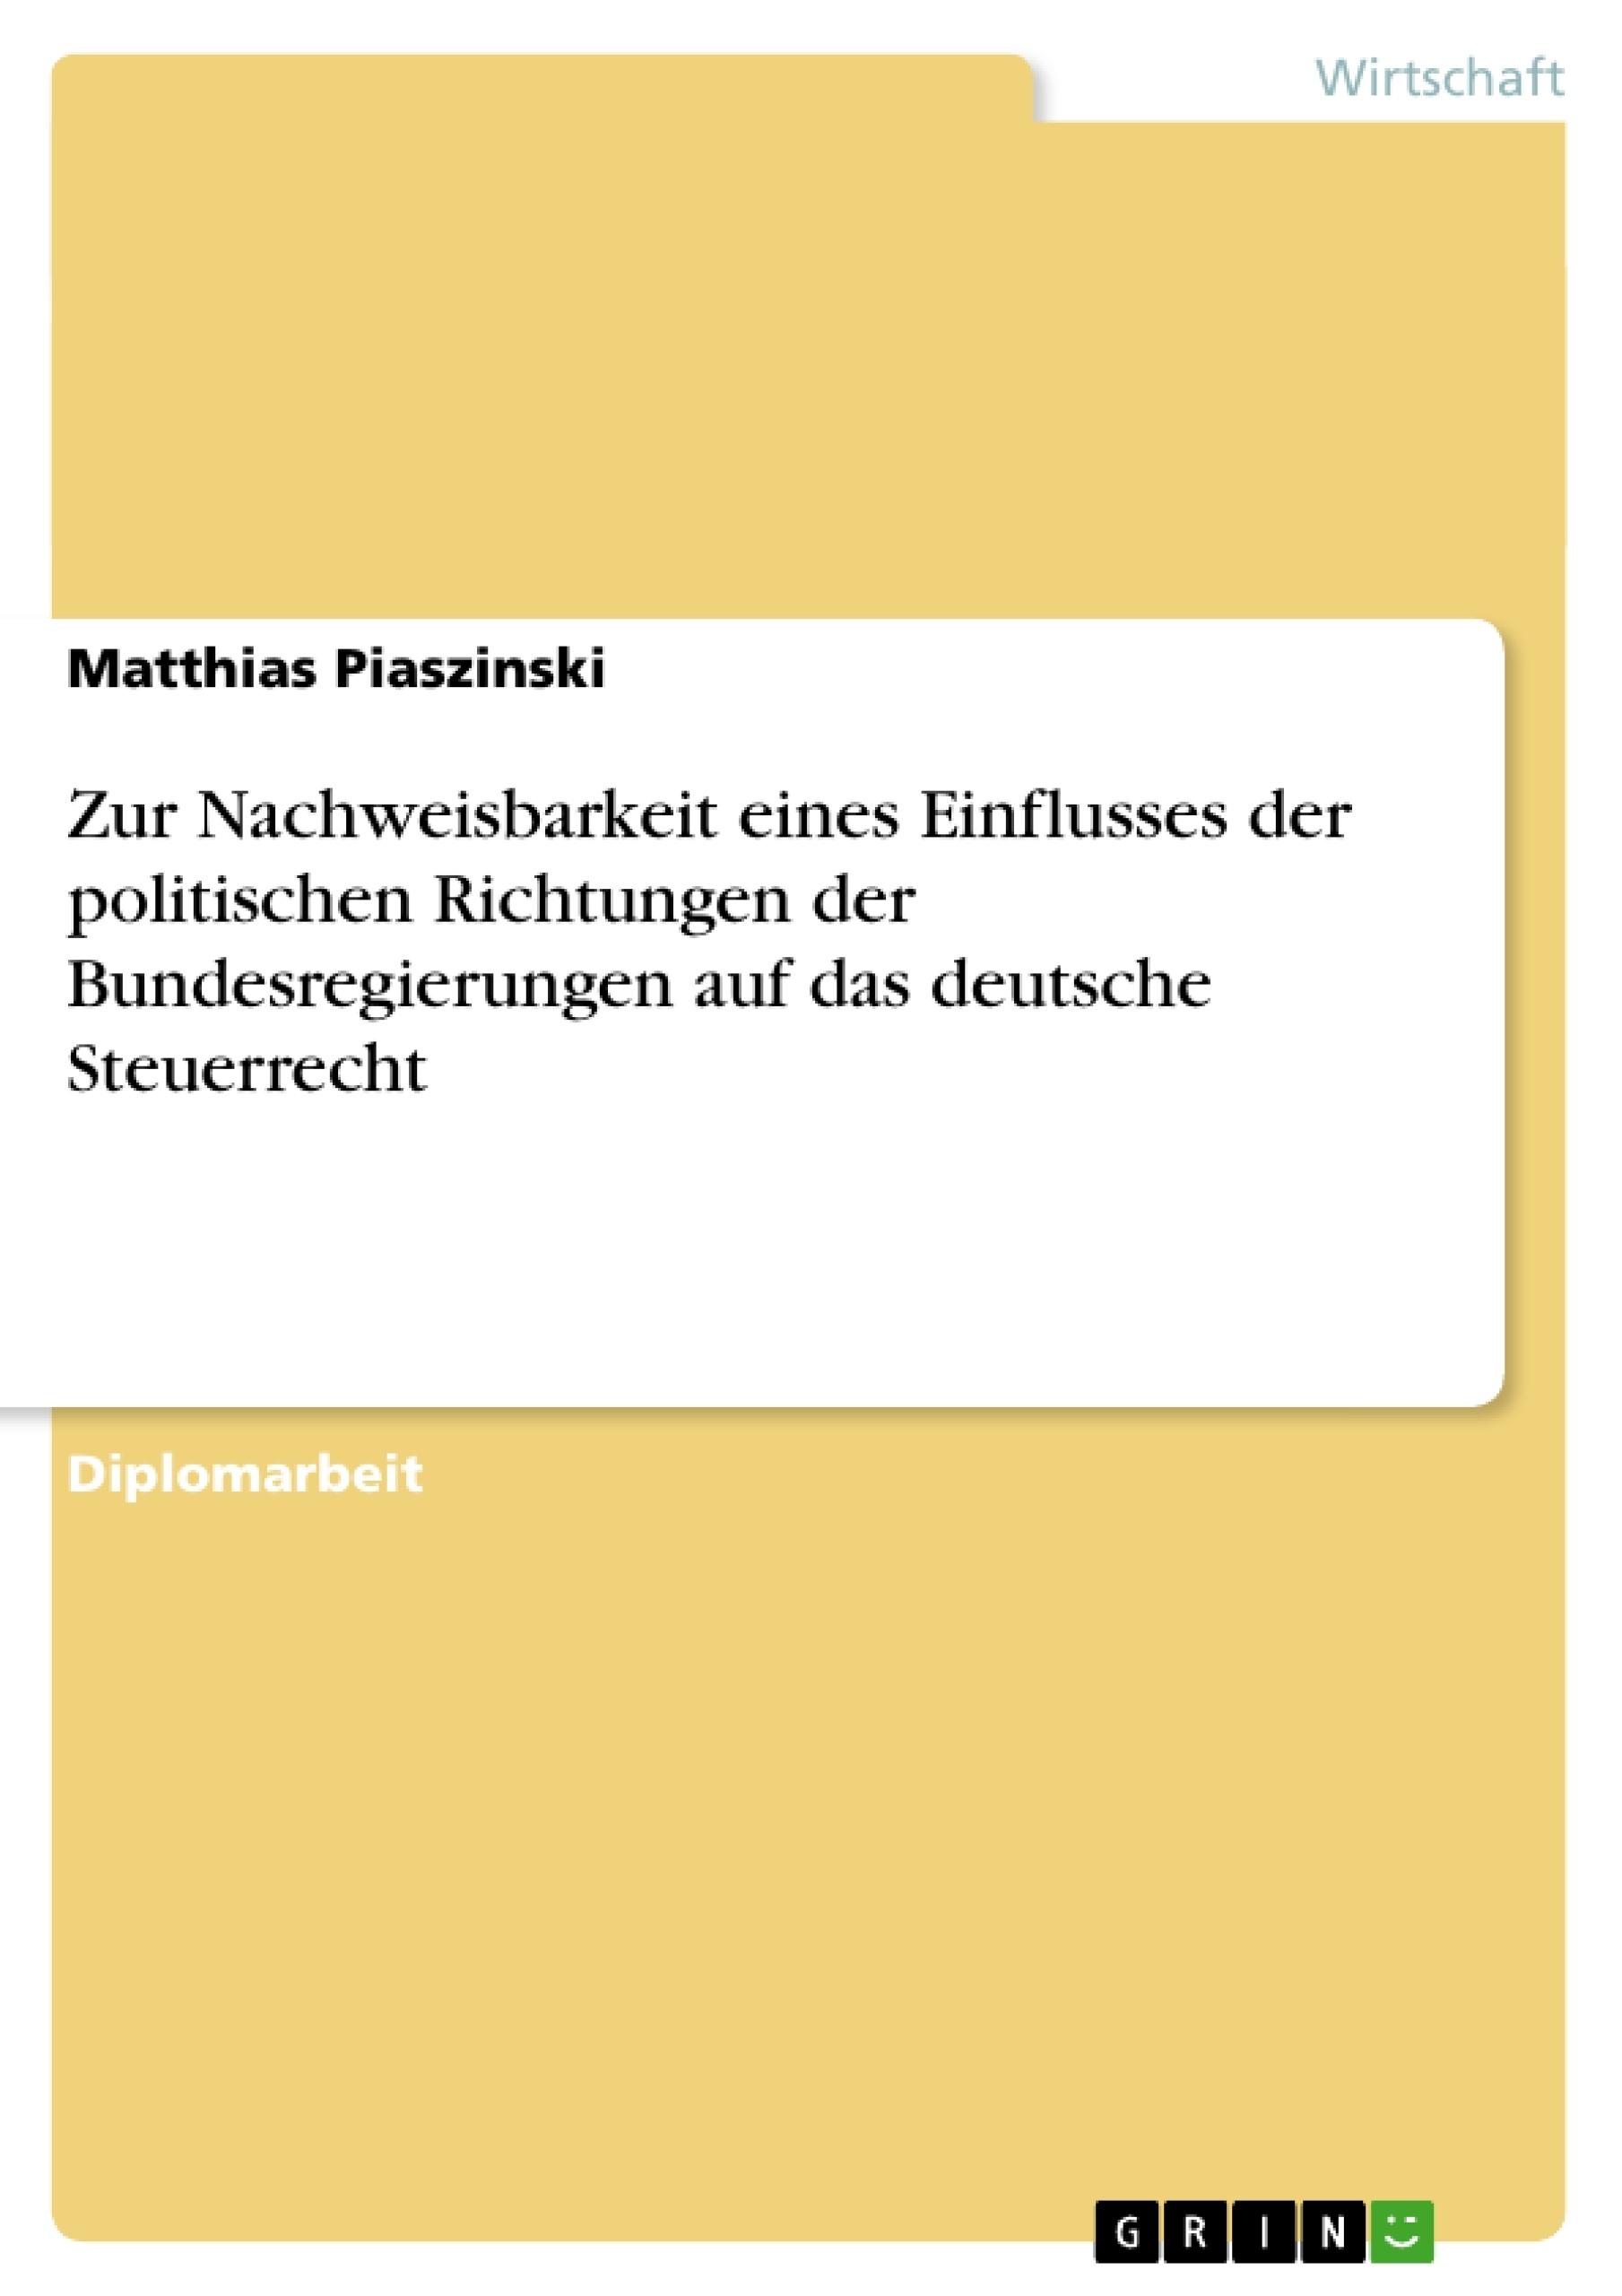 Titel: Zur Nachweisbarkeit eines Einflusses der politischen Richtungen der Bundesregierungen auf das deutsche Steuerrecht